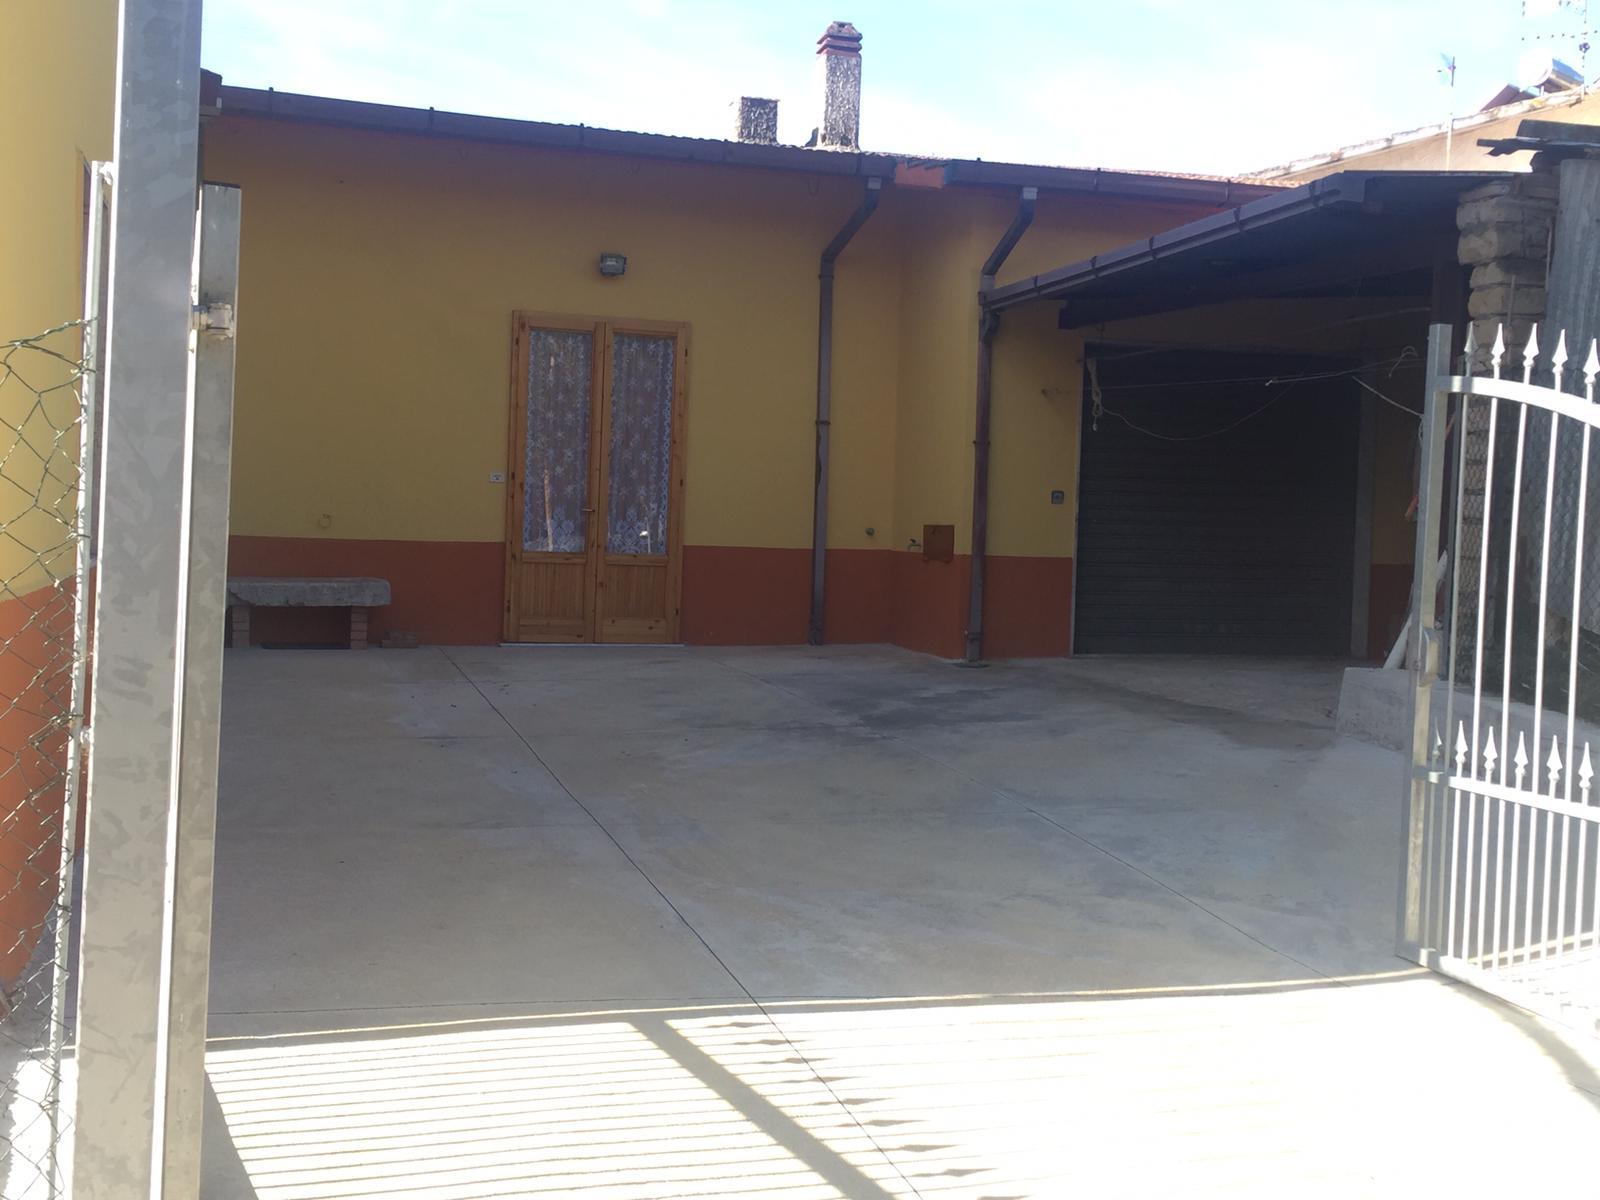 Soluzione Indipendente in vendita a Casalduni, 5 locali, prezzo € 80.000   CambioCasa.it